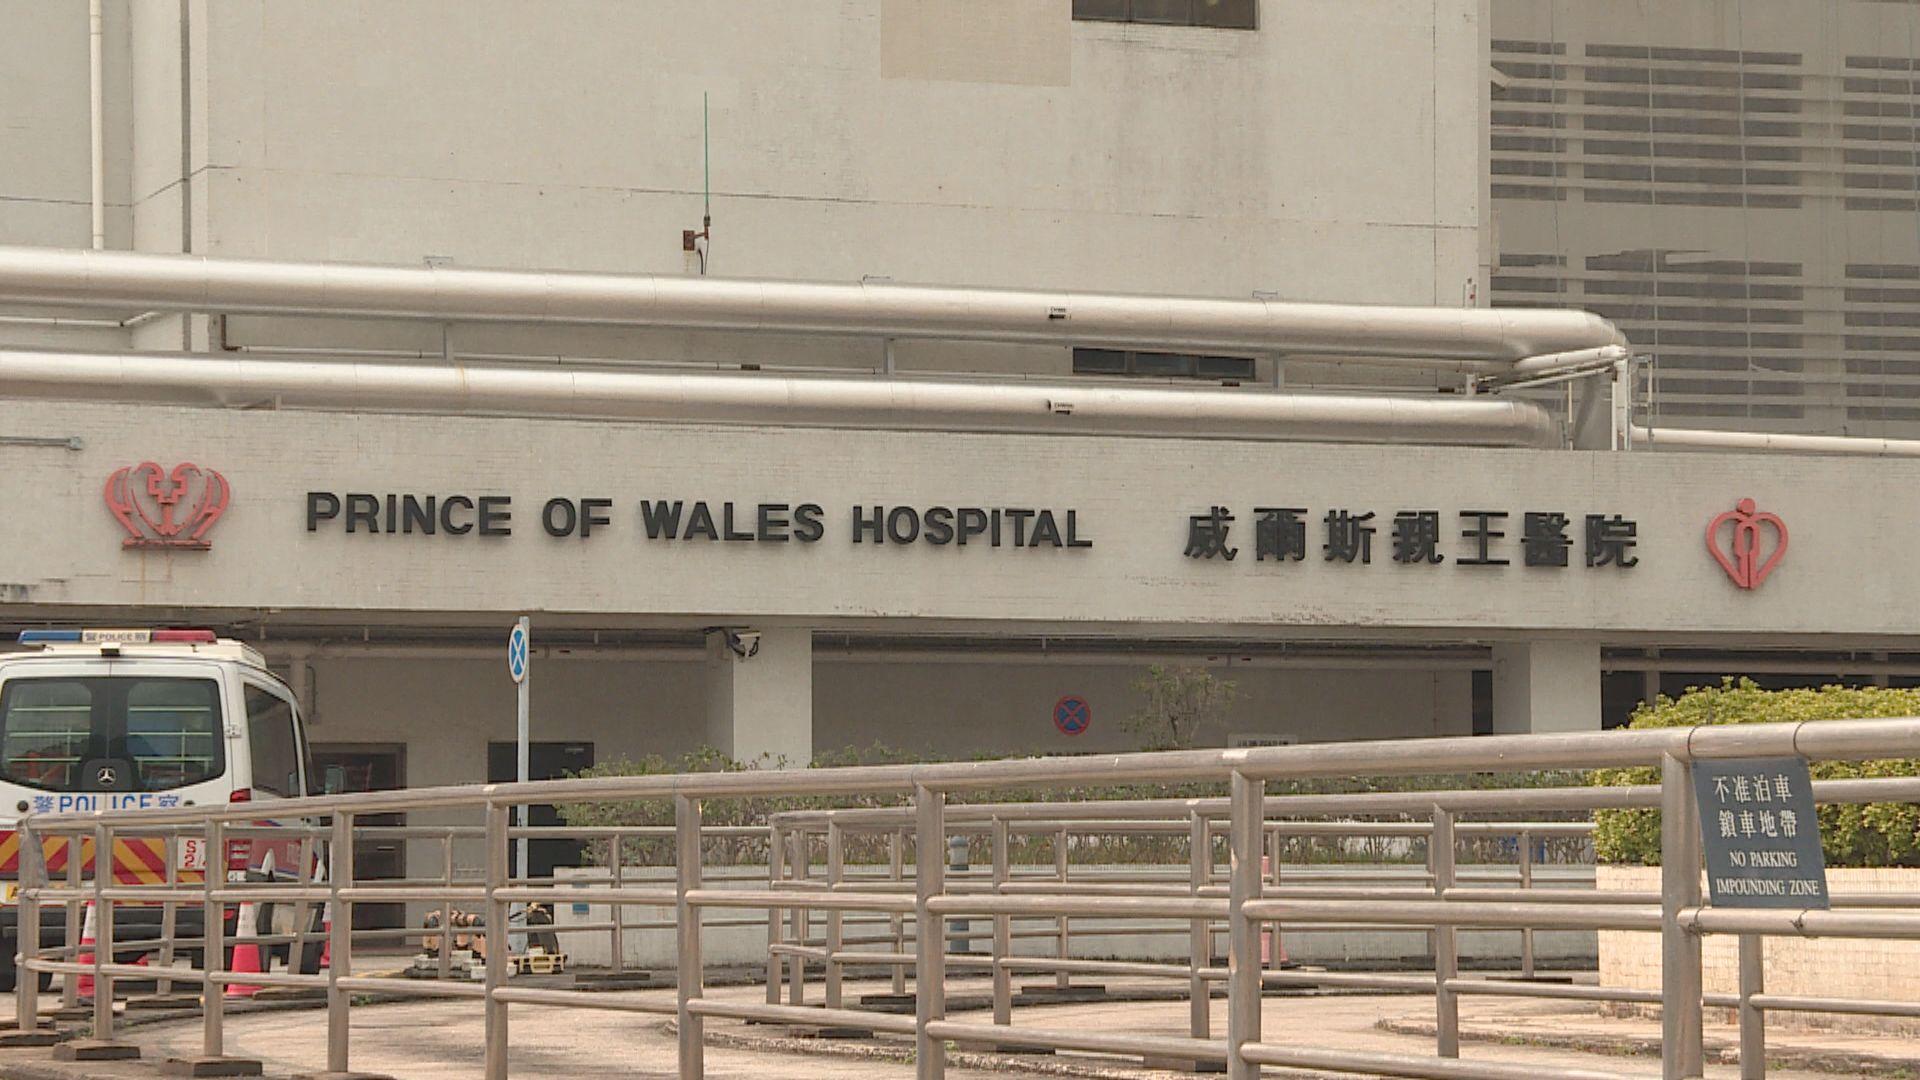 消息:威院一名女患者初步確診 近期沒有外遊紀錄